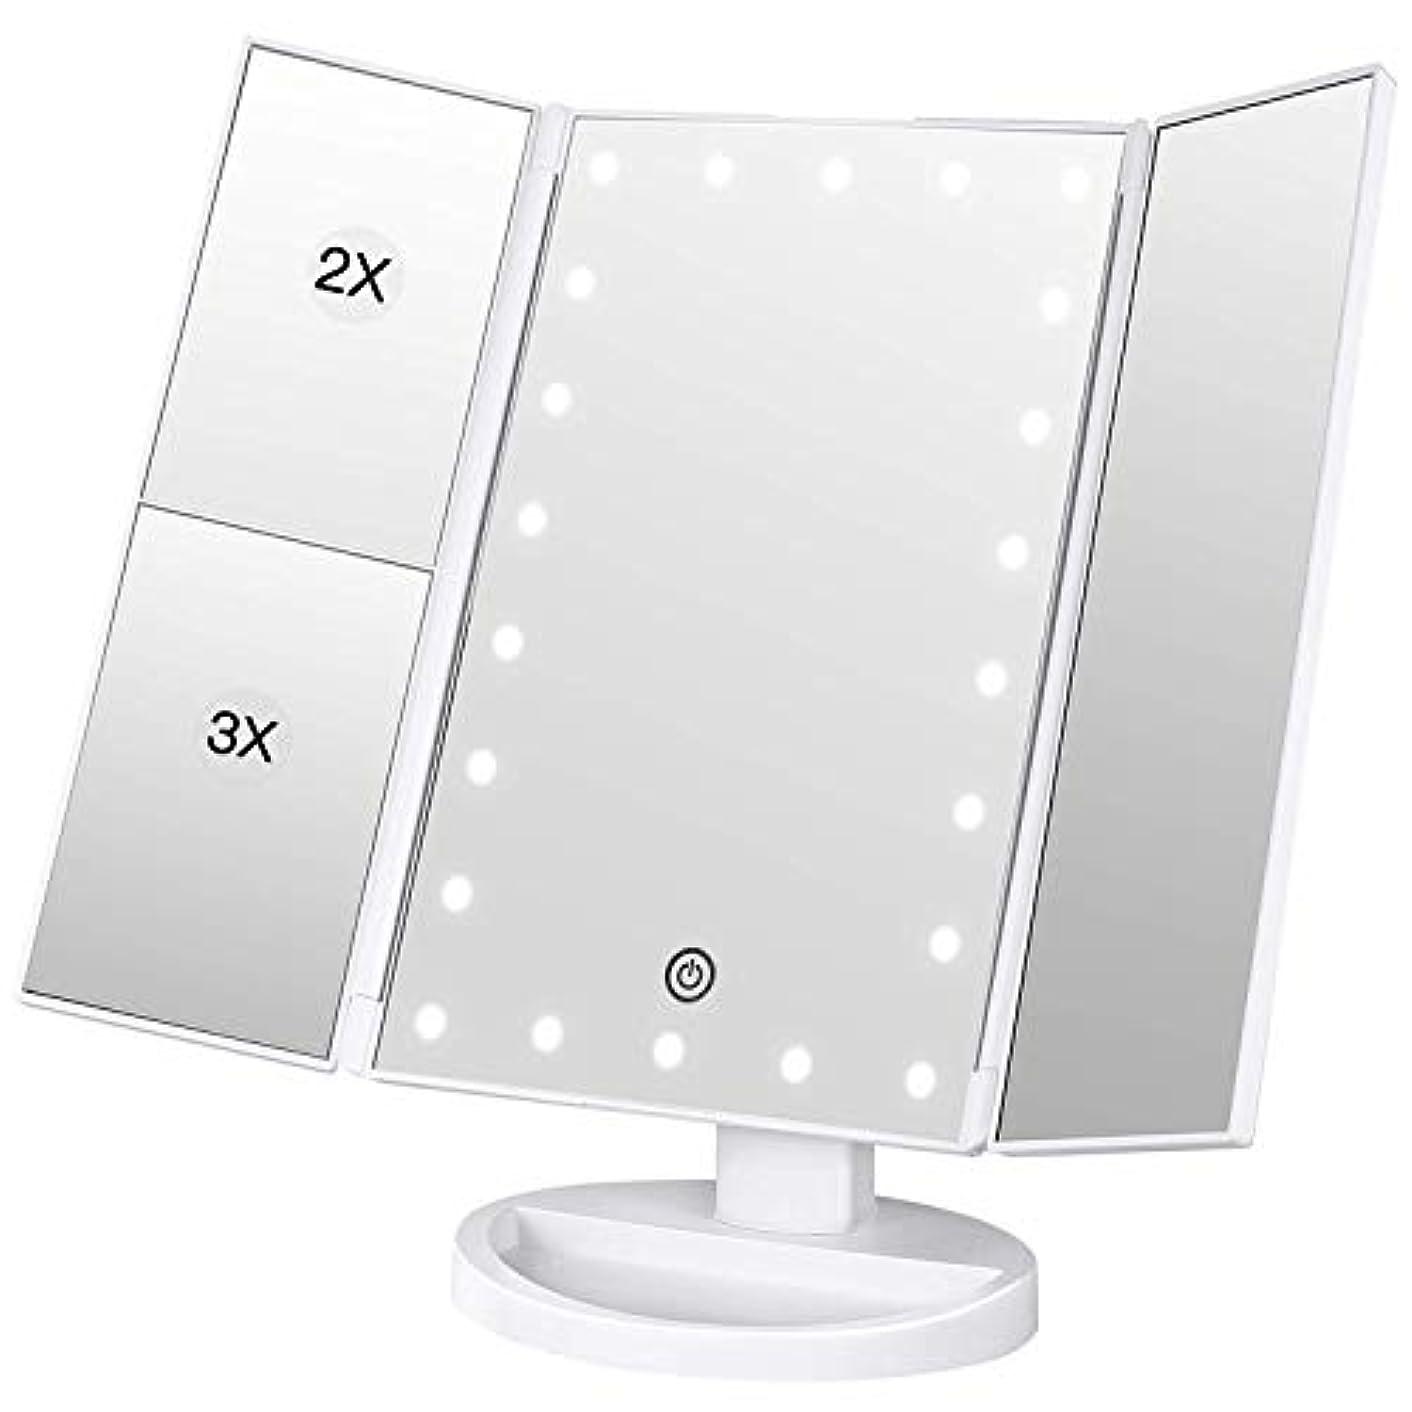 有名芽予測収納ベース付き三面鏡 -化粧鏡 led付き 卓上鏡 折りたたみ 拡大鏡 2倍 3倍 明るさ調節可能 180°回転 電池&USB 2WAY給電 (ホワイト)